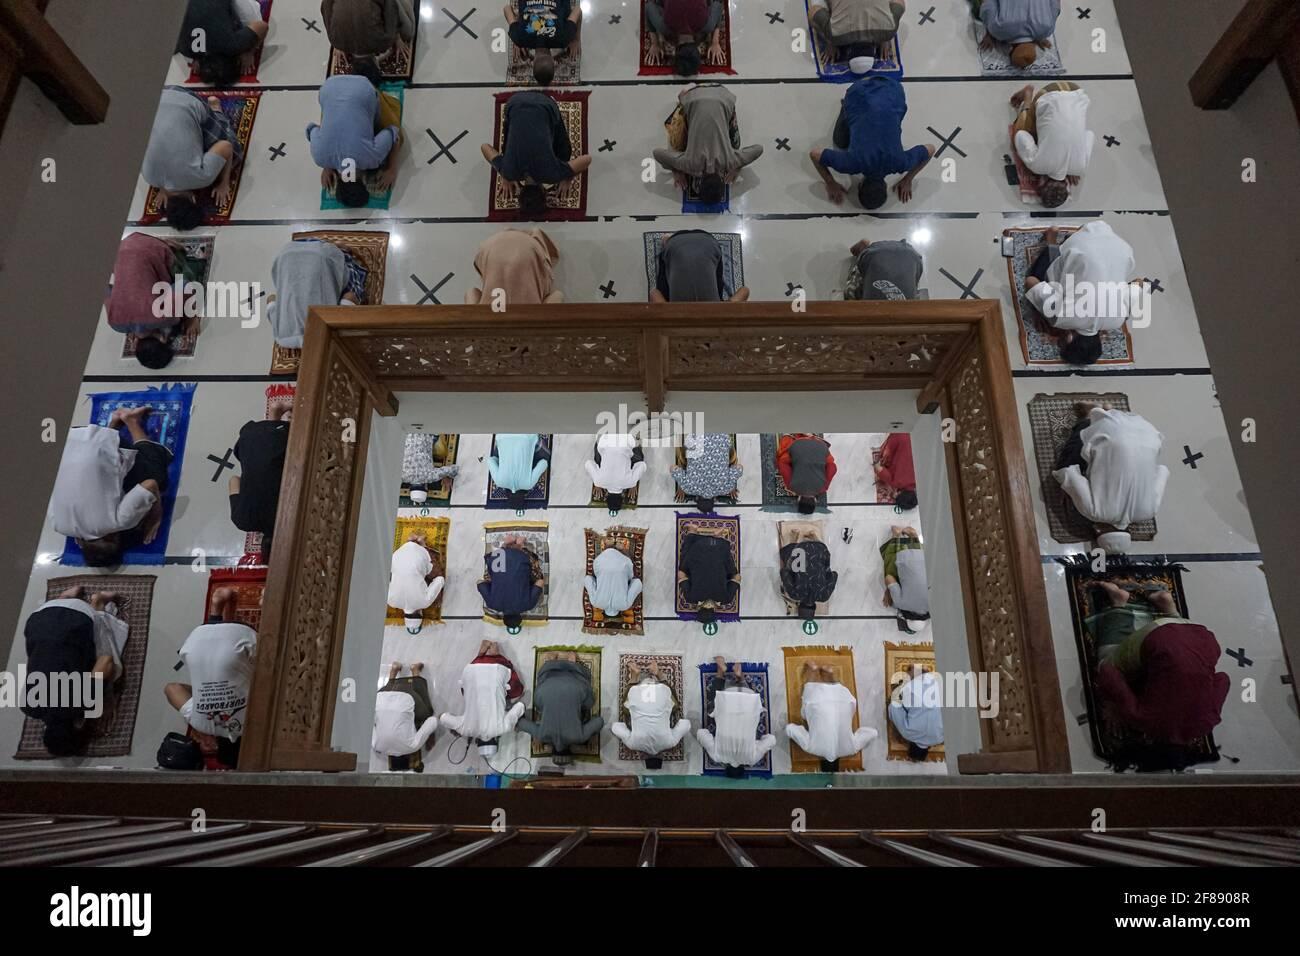 Badung, Bali, Indonésie. 12 avril 2021. Les gens ont établi des lignes distancées en raison du protocole de santé Covid-19 pendant les prières. Les musulmans indonésiens de Bali à commencer la première prière de masse de Tarawih à la mosquée Al Hasanah, Canggu, comme le gouvernement a déterminé la première date du mois islamique le Ramadan tombe le 12 avril 2021. Demain, le 13 avril 2021, les musulmans commenceront le jeûne au cours du mois suivant. (Image de crédit : © Dicky BisinglasiZUMA Wire) Banque D'Images